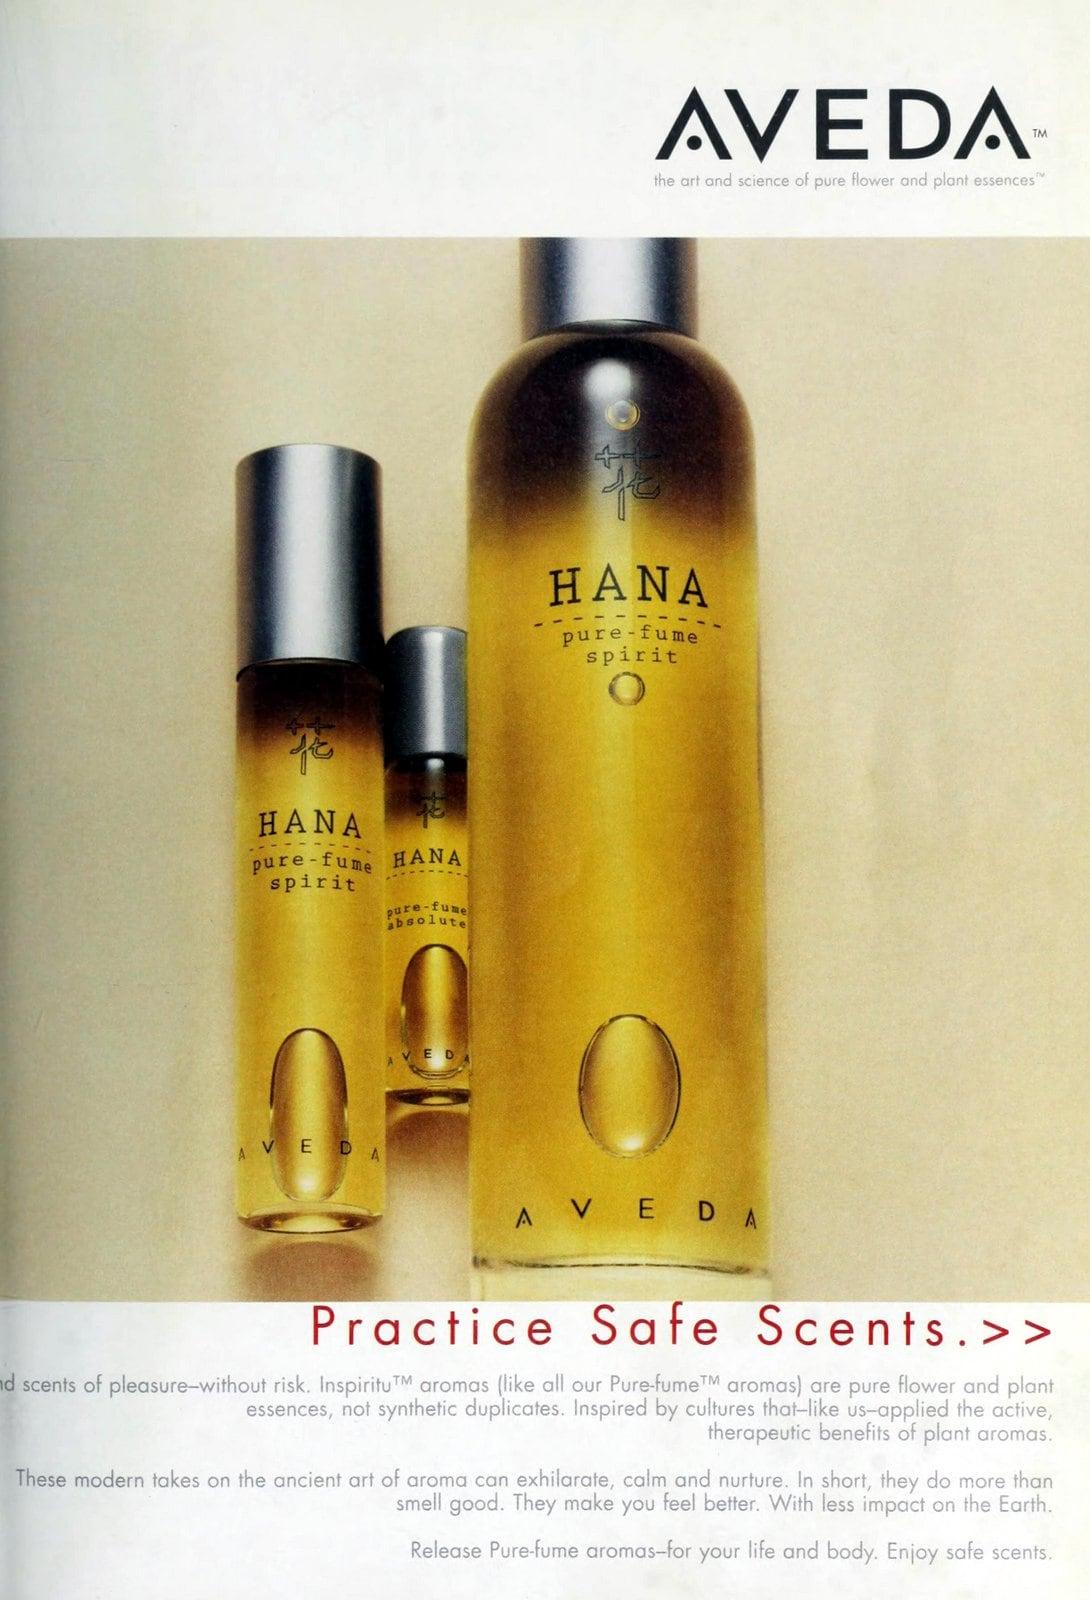 Hana fragrance from Aveda (1997) at ClickAmericana com